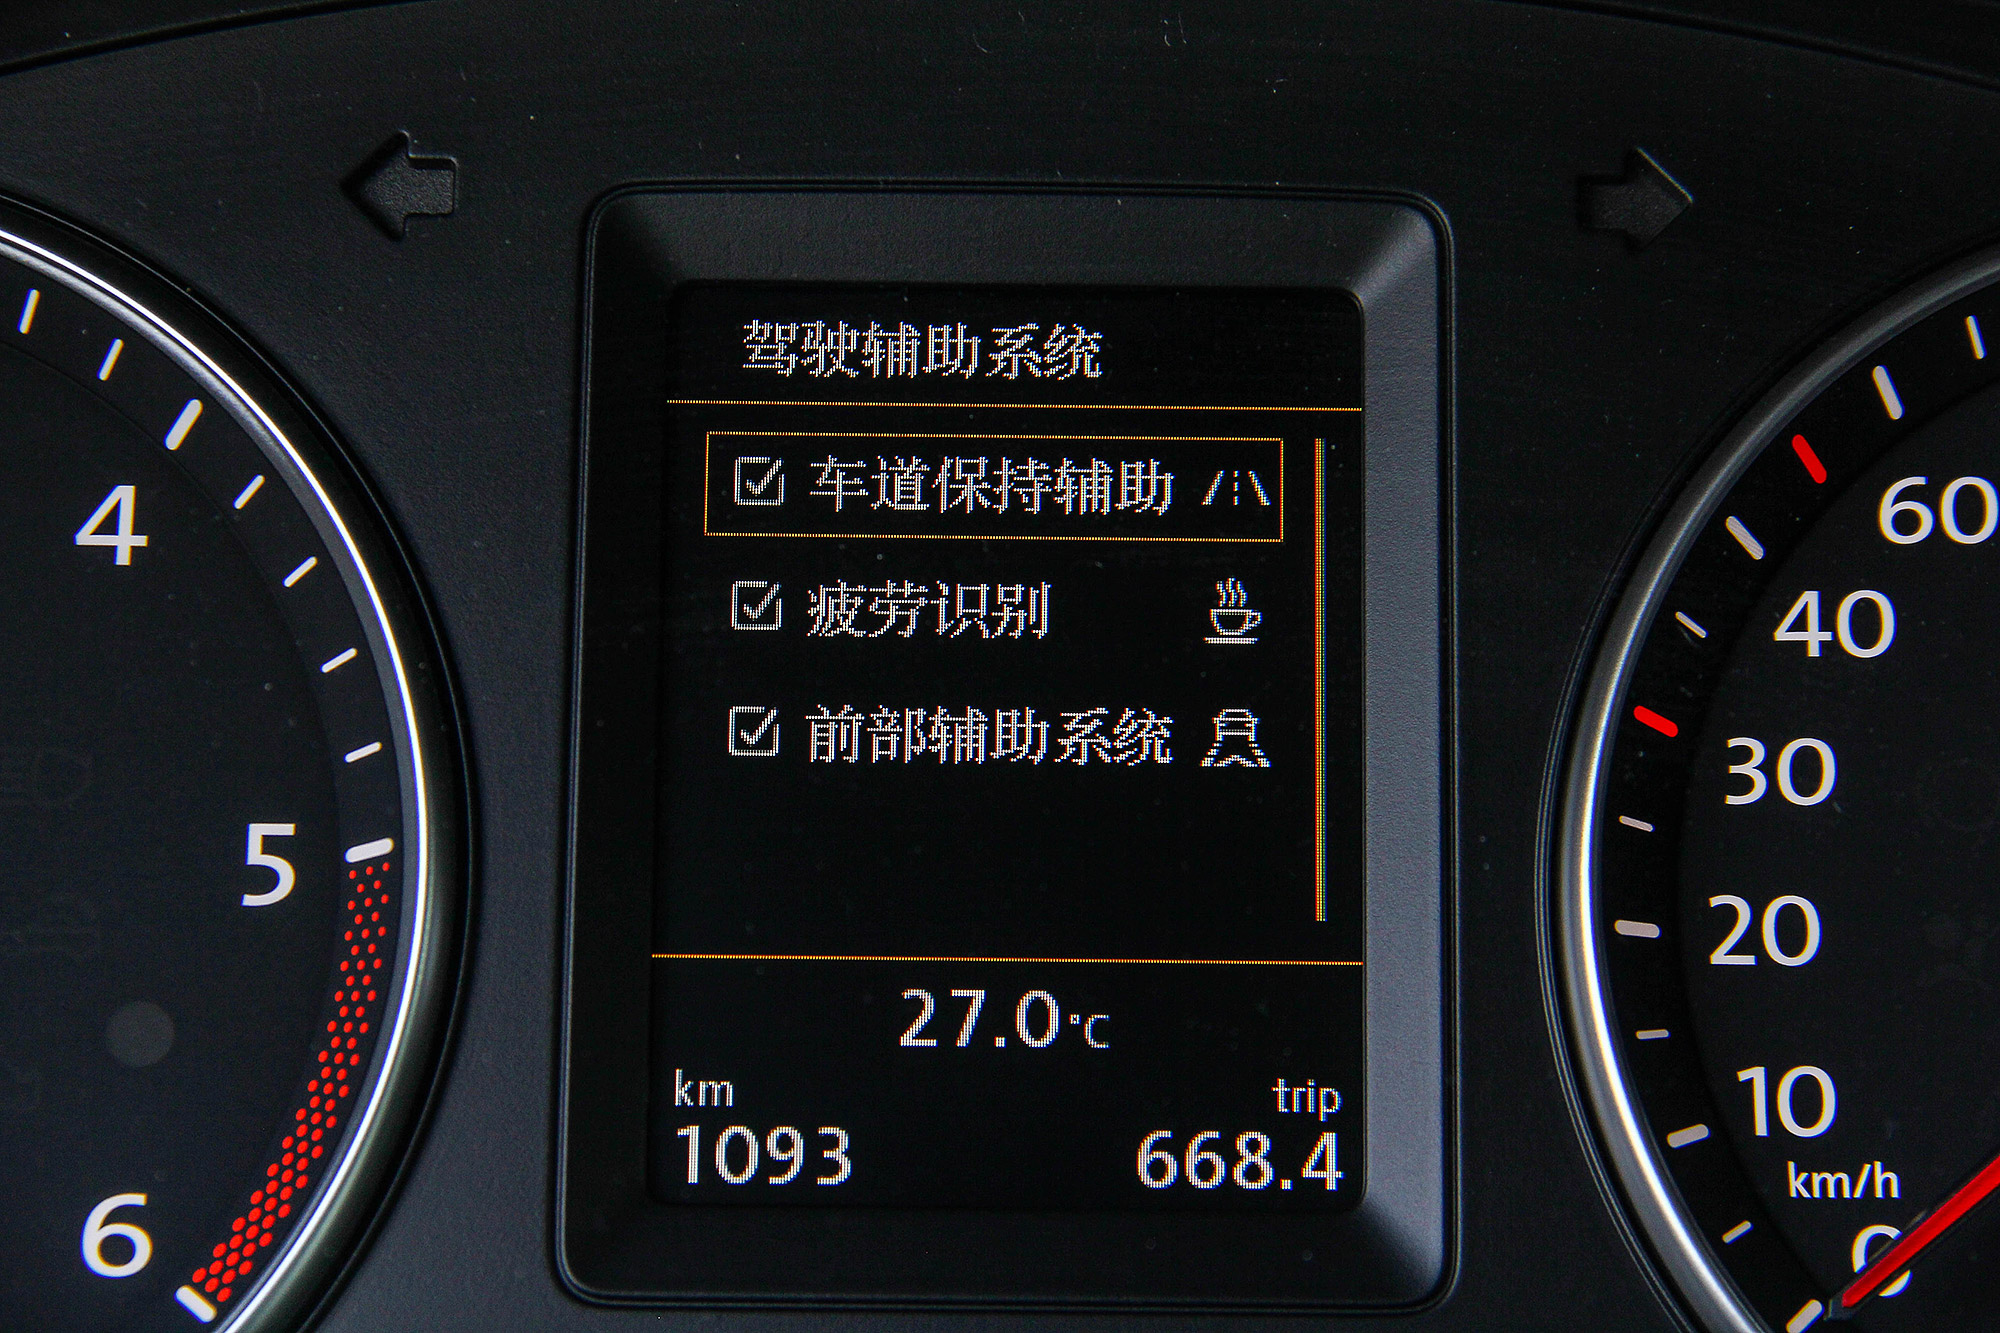 駕駛疲勞警示系統也是標準配備。